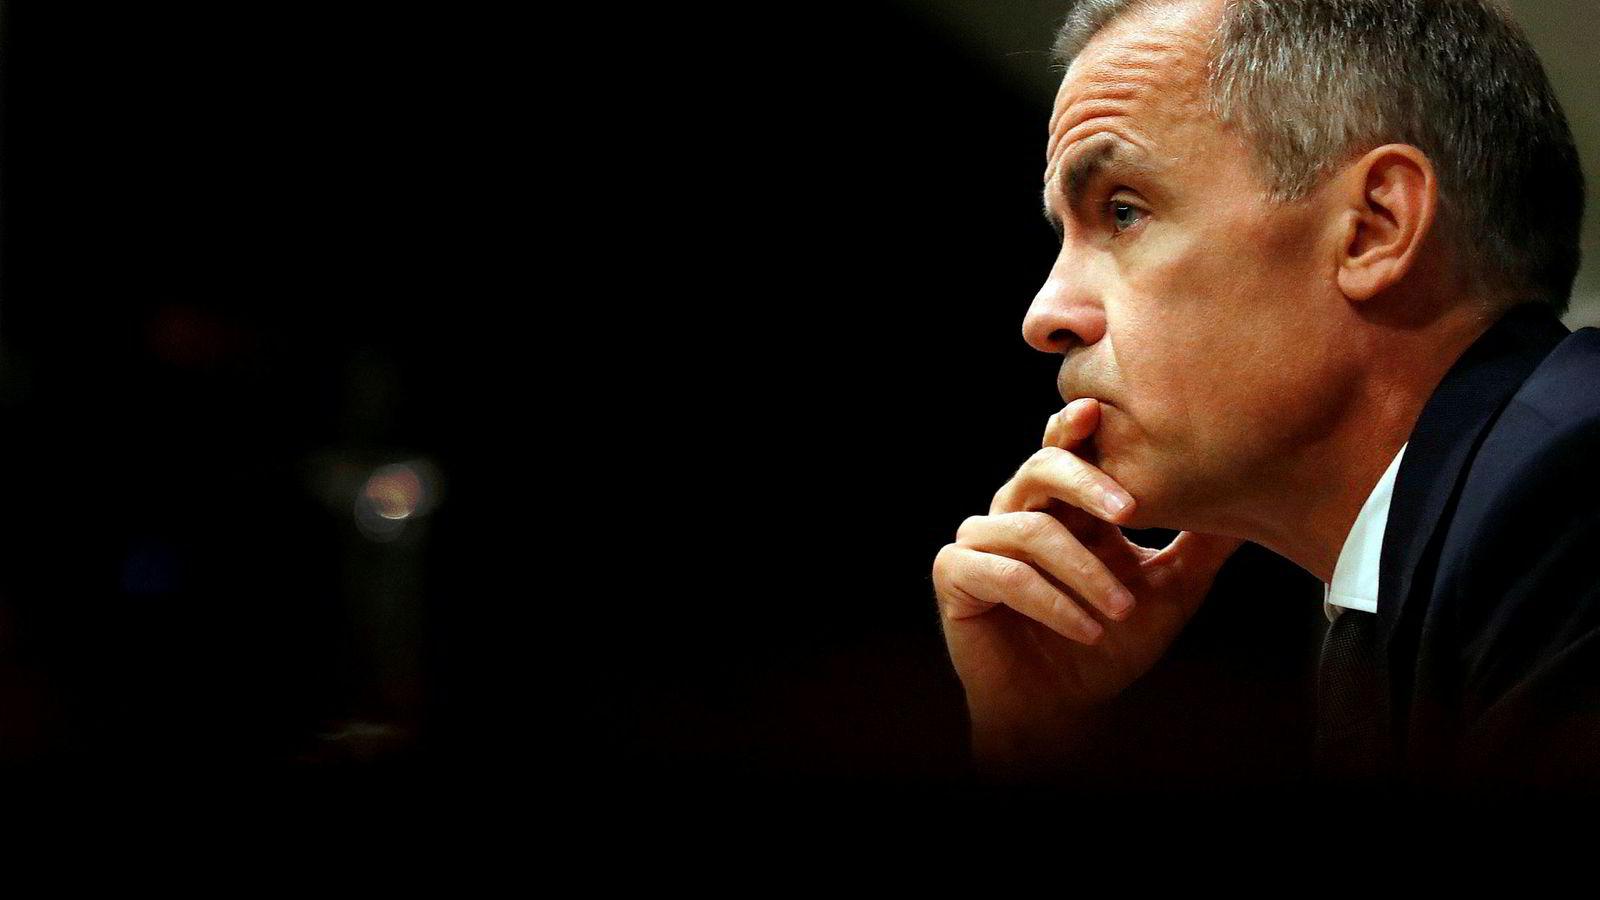 Sentralbanksjef Mark Carney i Bank of England gikk på klimatoppmøtet i FN inn for at selskaper skal pålegges klimarapportering.